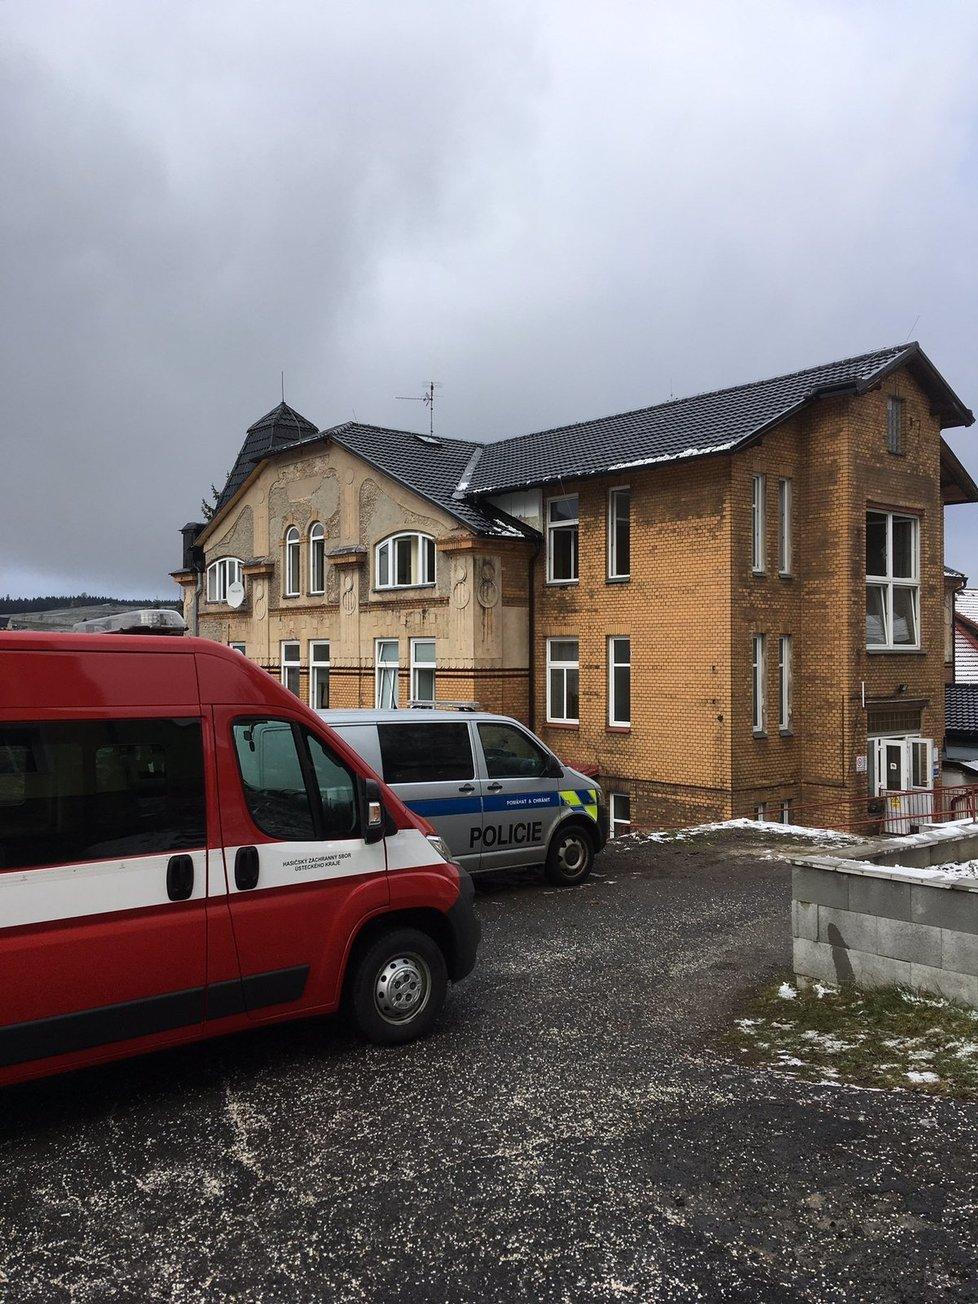 Fotografie domova pro postižené, které zveřejnili po zásahu ústečtí hasiči